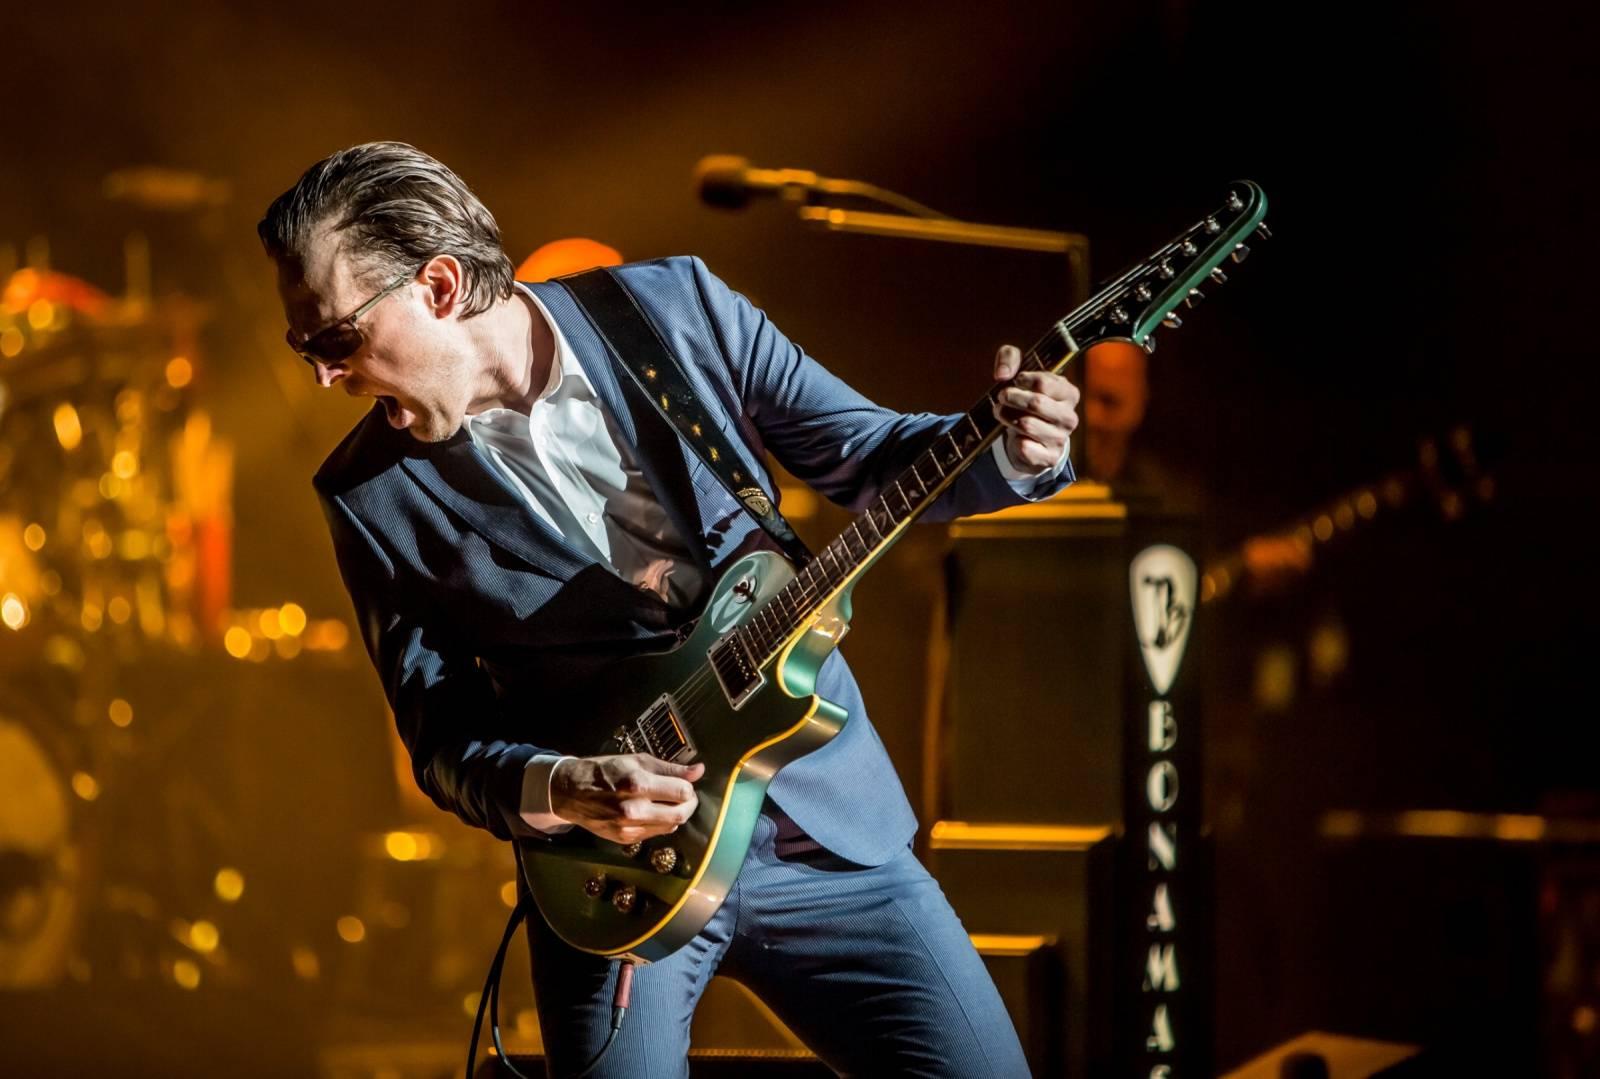 LIVE: Joe Bonamassa je kytarovým králem blues zaslouženě